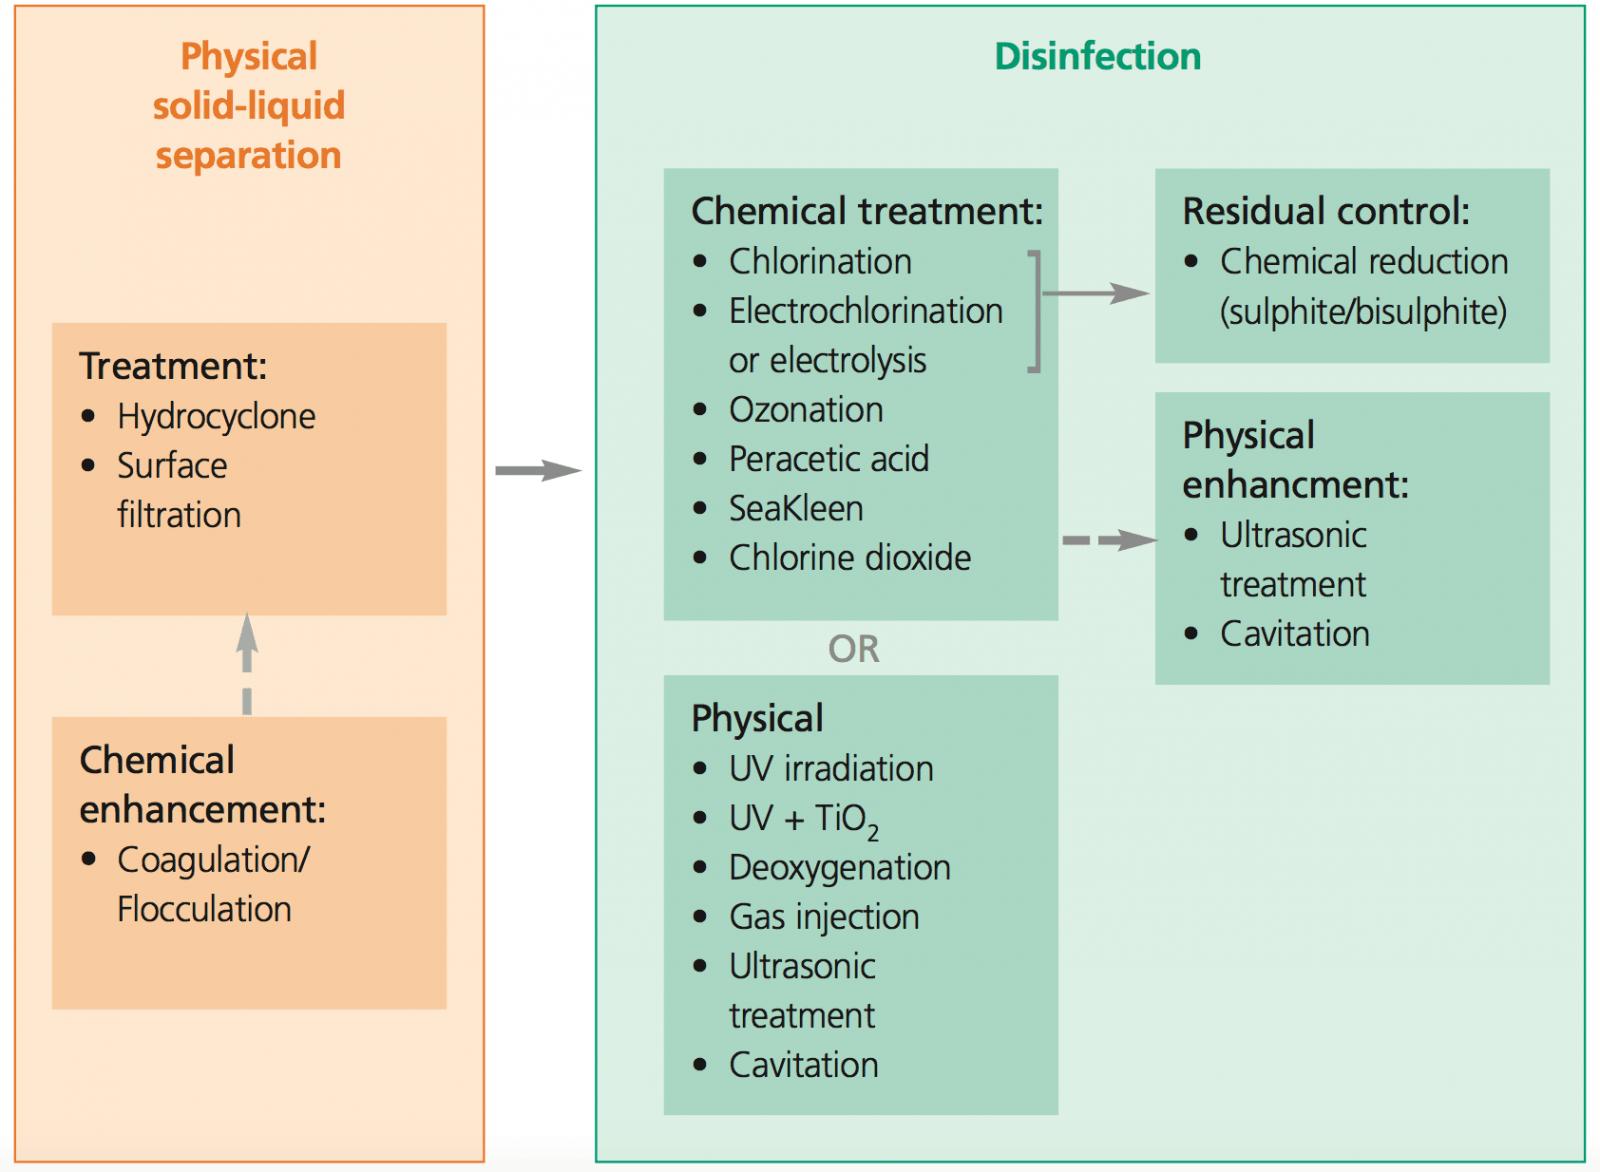 teknik-bilgiler - treatment sistemi nasıl çalışır - Ballast Water Treatment System / Balast Arıtma Sistemi